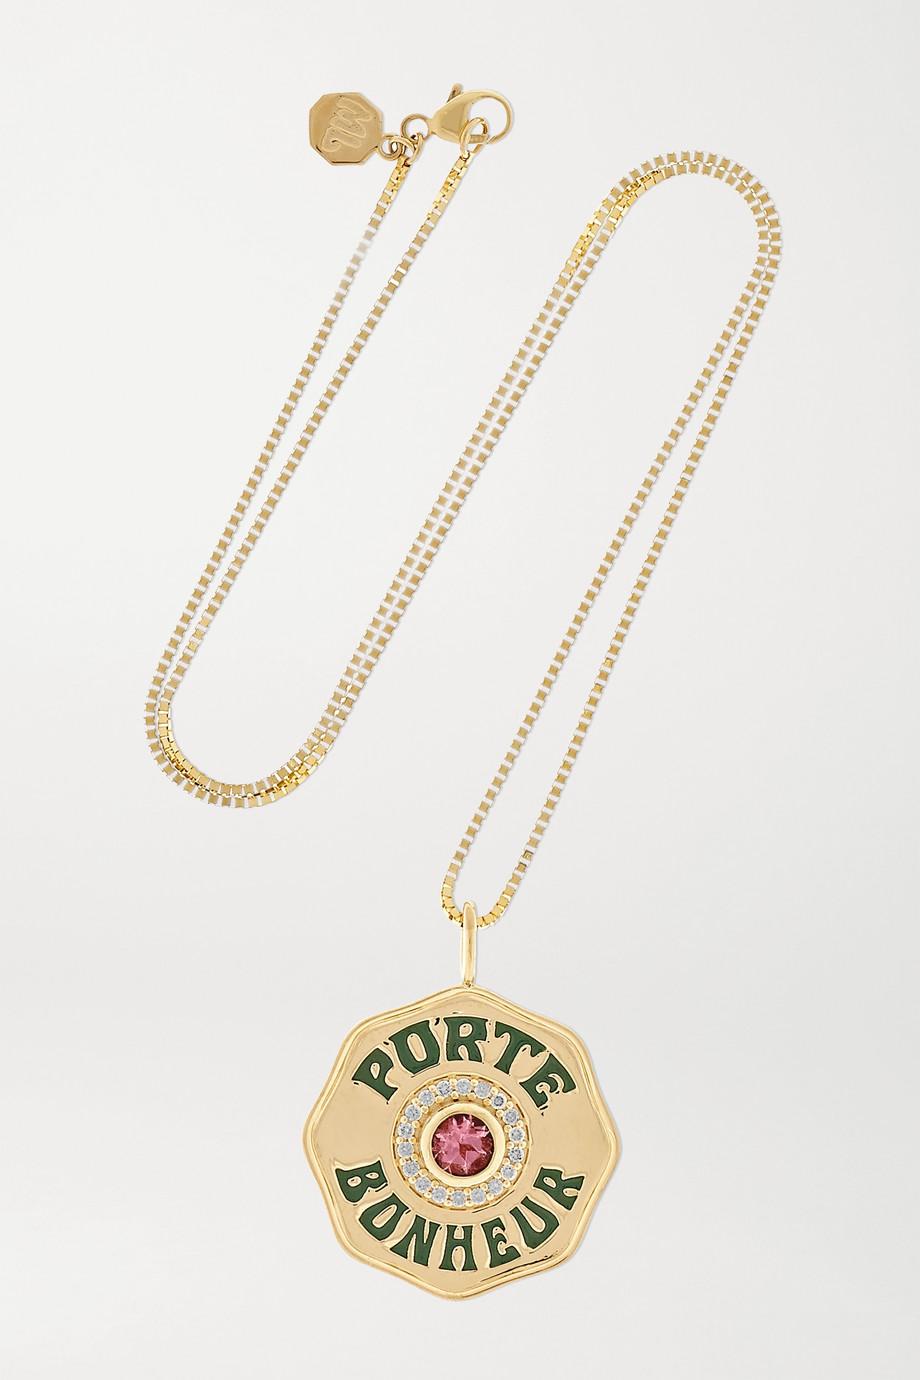 Marlo Laz Porte Bonheur Coin große Kette aus 14 Karat Gold mit Emaille, Turmalin und Diamanten